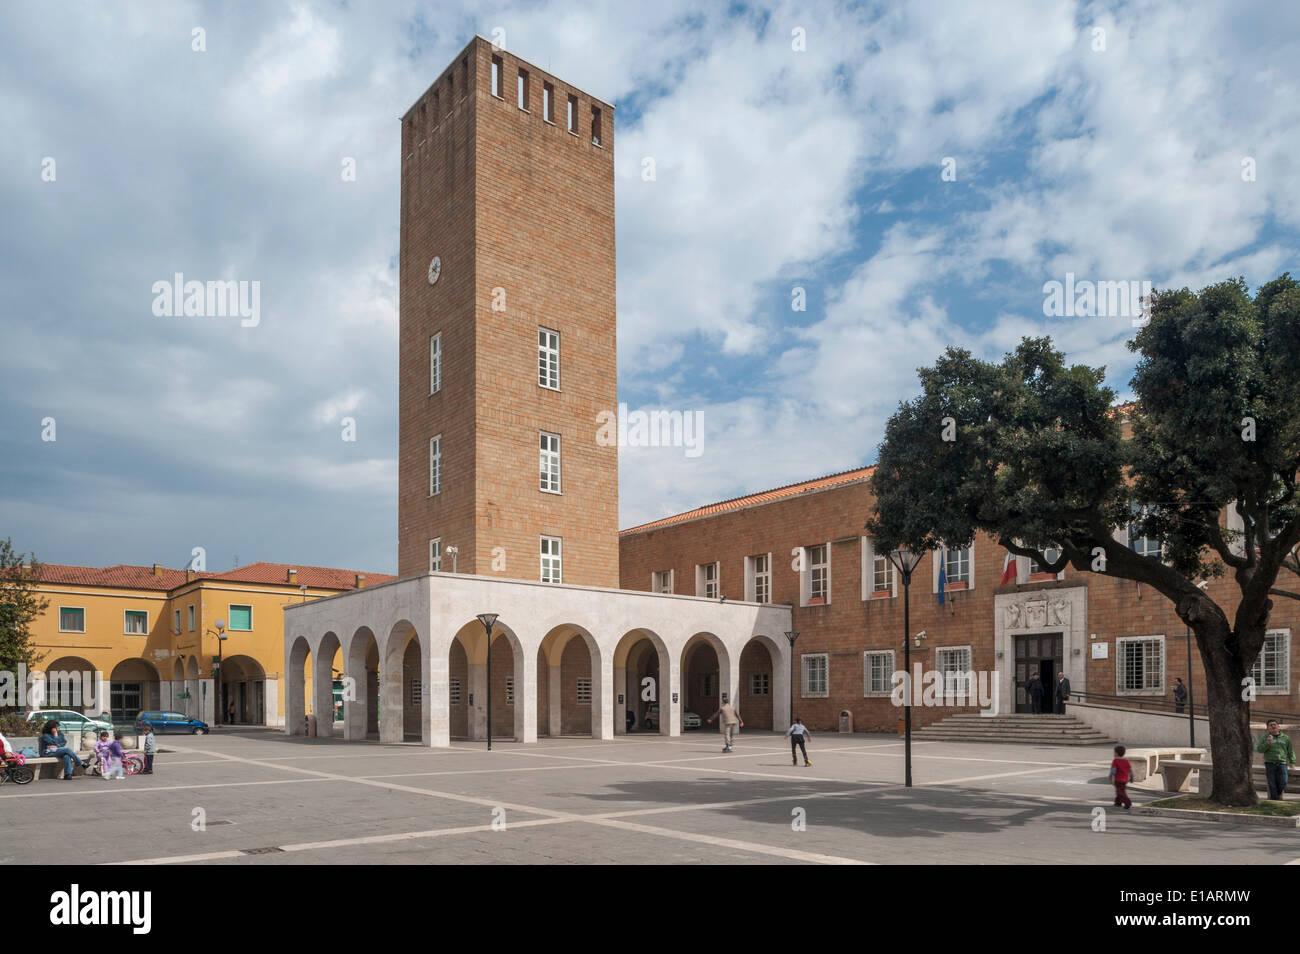 Il municipio con la torre della città, architettura monumentale, Razionalismo italiano, Pomezia, Lazio, Italia Immagini Stock